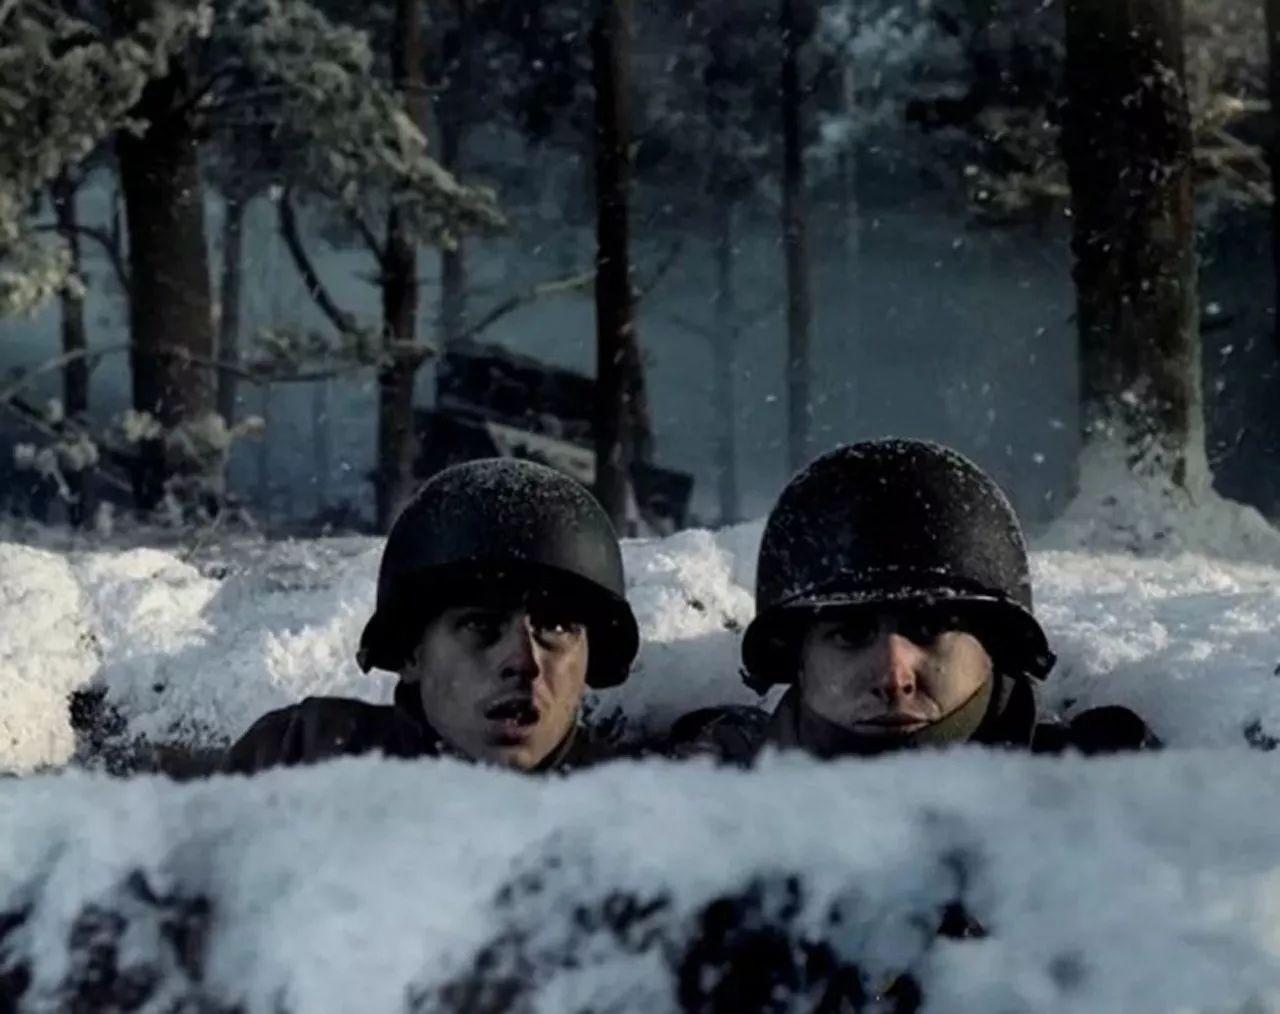 不戴军衔不敬礼:美军在二战中为何紧急下达如此军令